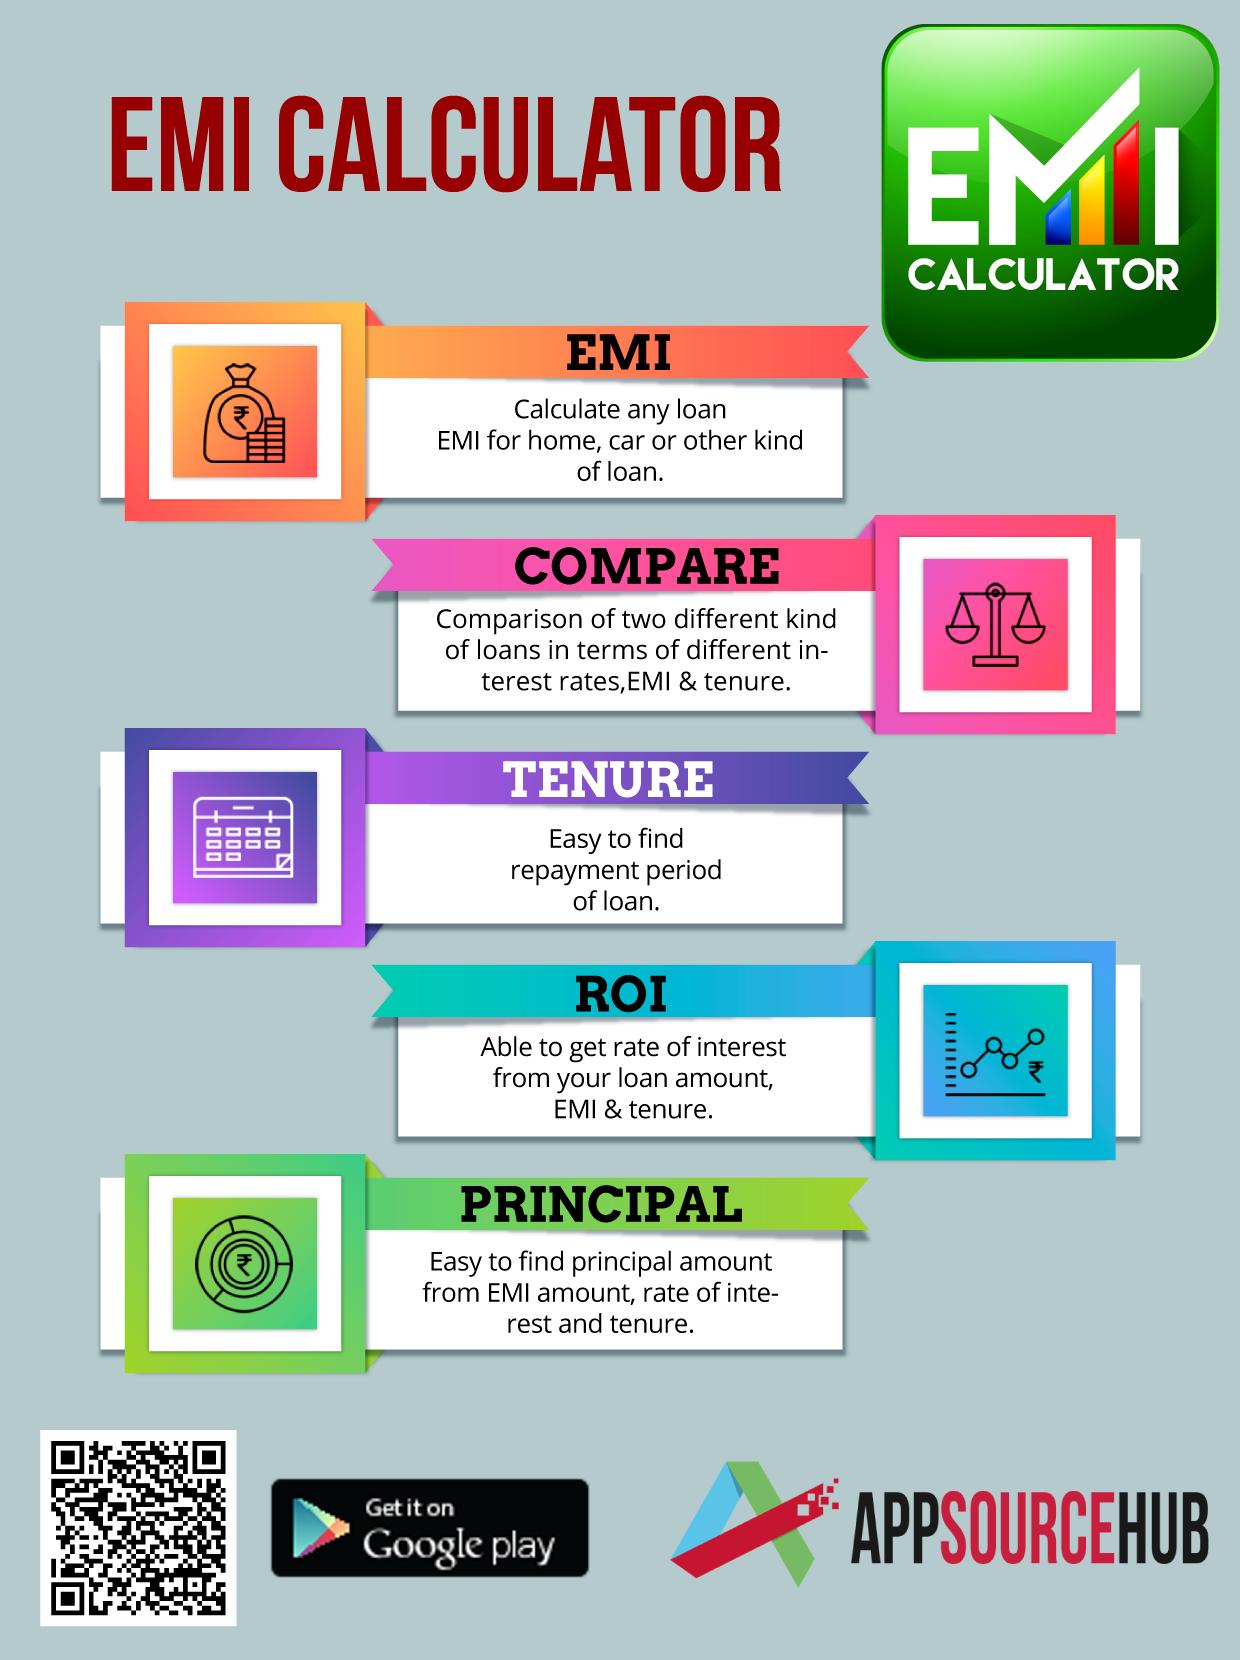 Best Images About Emi Calculator 2019 Android Apps Homeloan Emi Loantracker Educationalloan In 2020 Finance Loans App Finance Planner